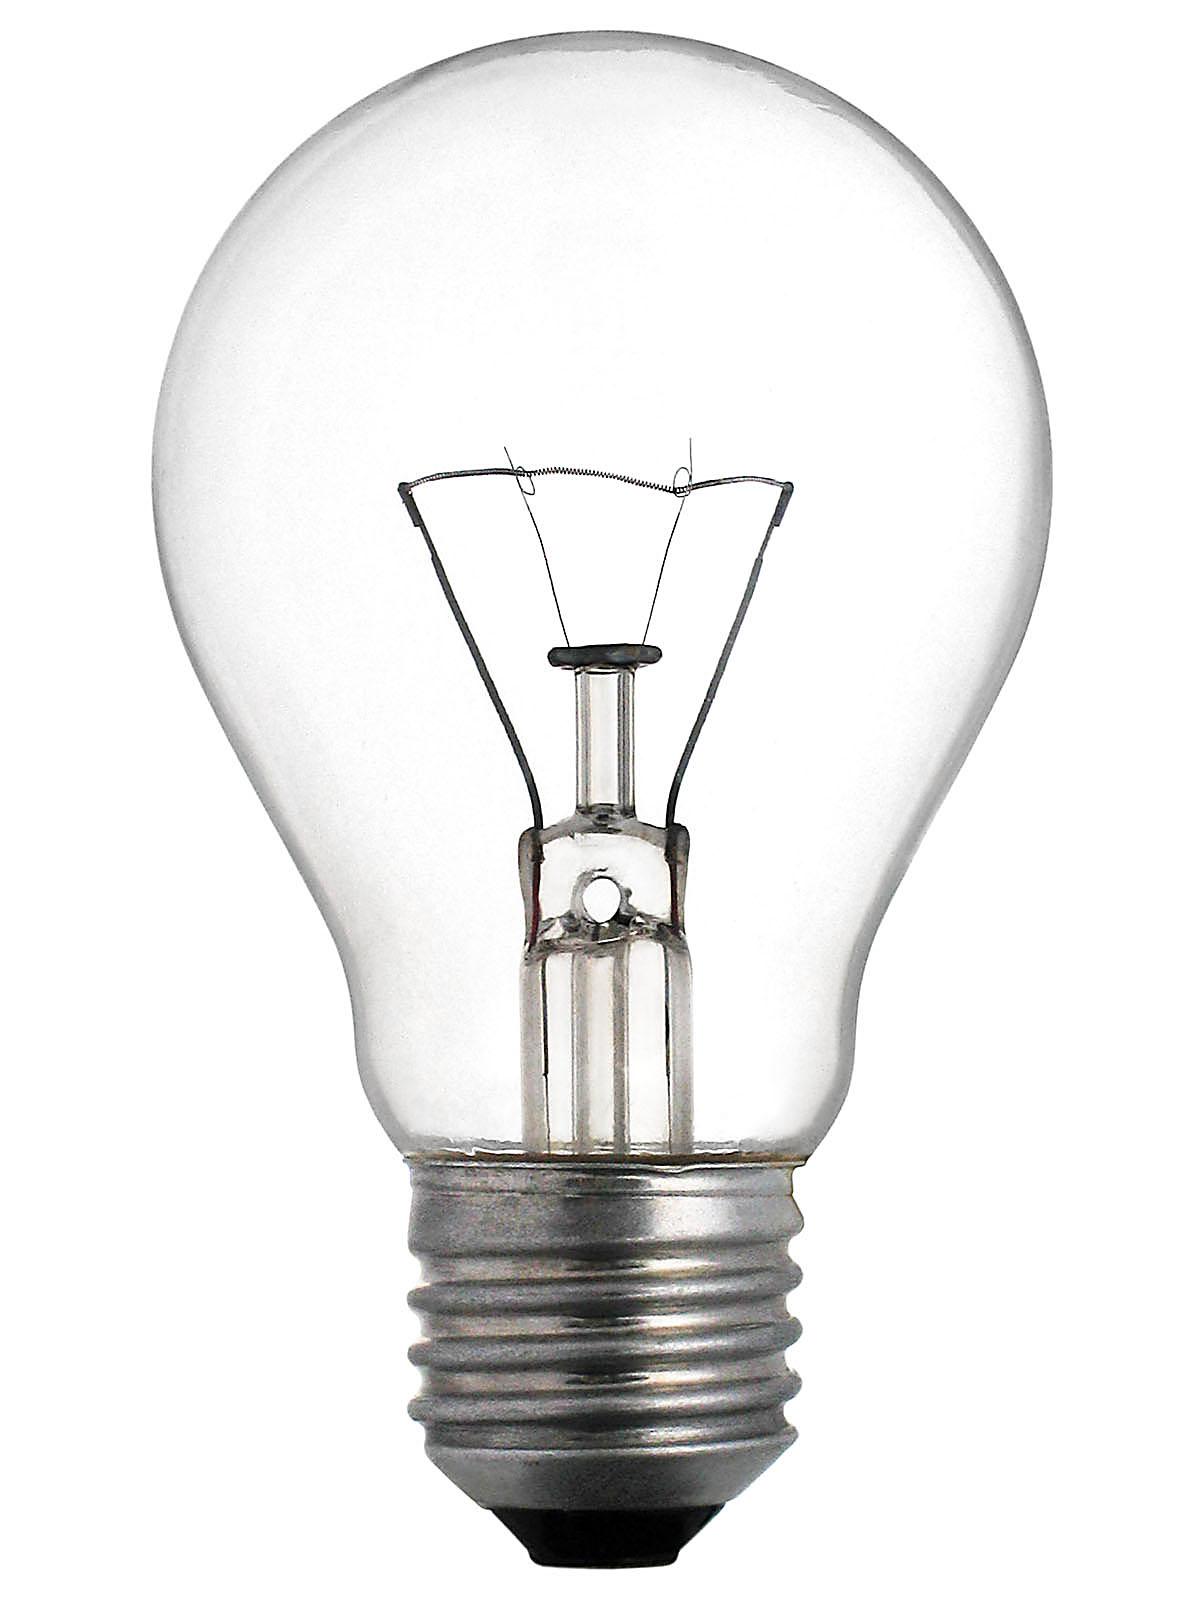 Blog Belajar Ipa Smp  Pemanfaatan Energi Listrik